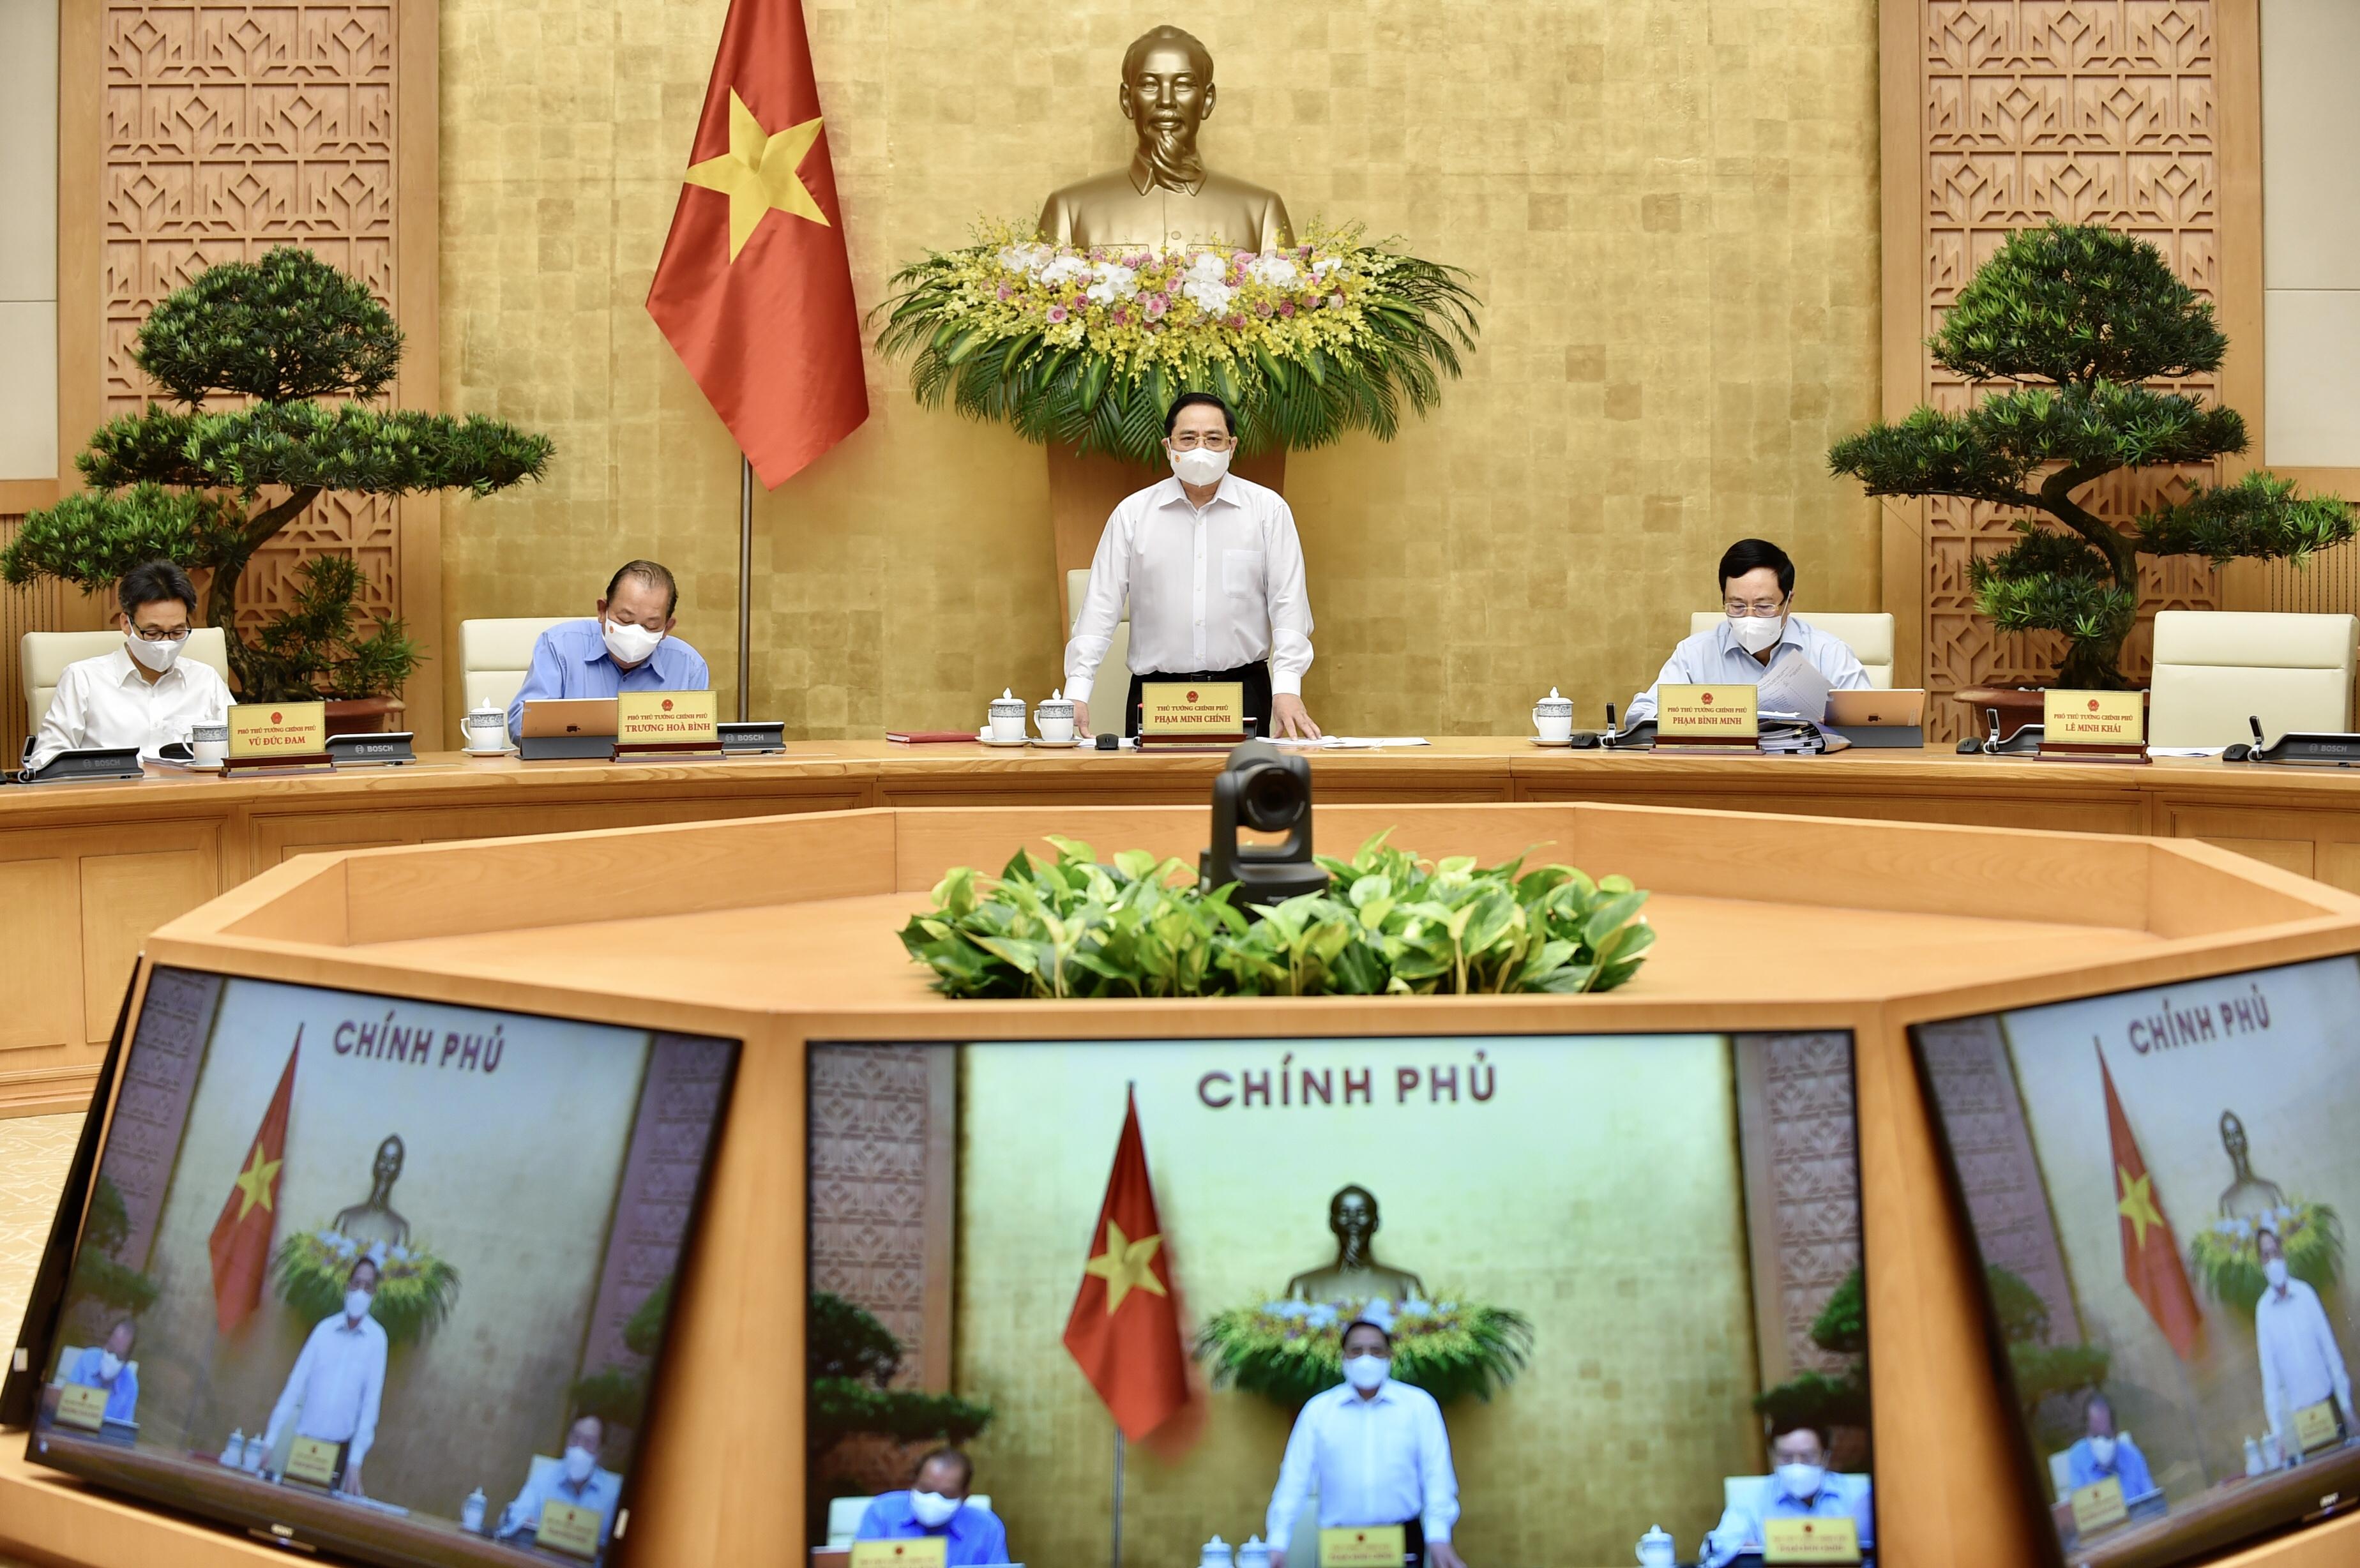 Thủ tướng Phạm Minh Chính chủ trì phiên họp Chính phủ thường kỳ tháng 4/2021 (ảnh: Bộ Y tế)